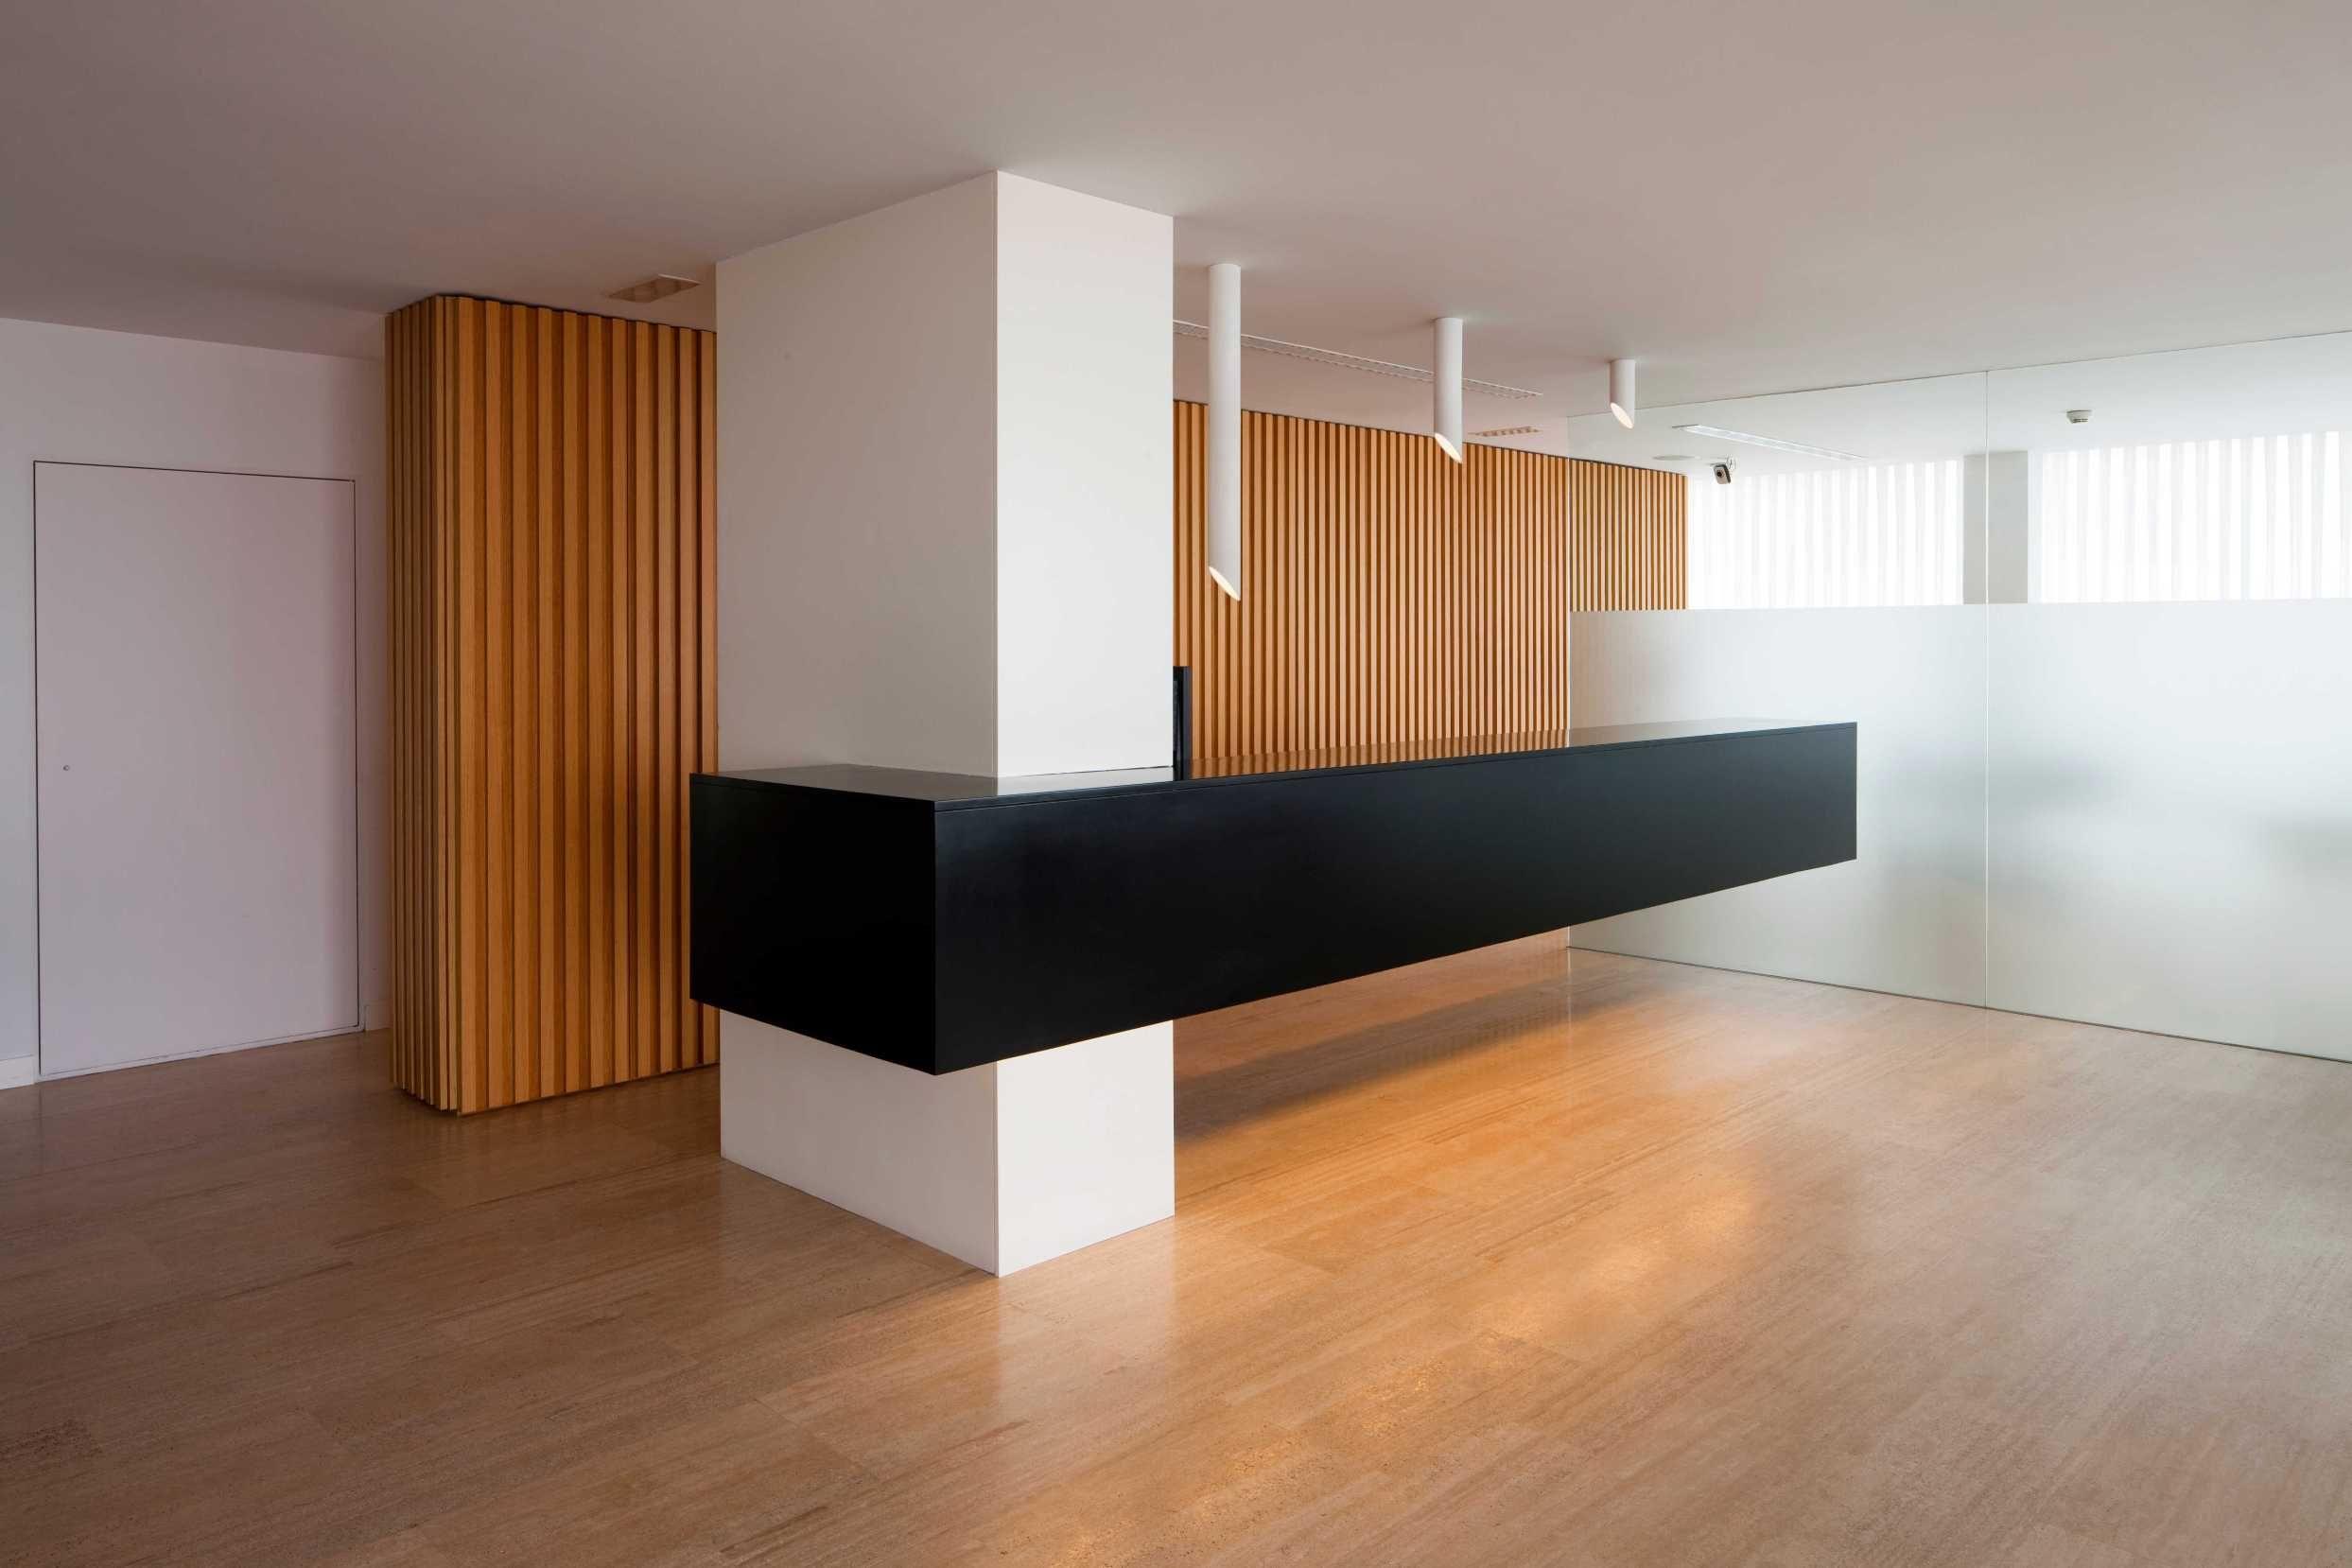 Recepciones modernas y de dise o en madrid espacio betty for Diseno de muebles de oficina modernos